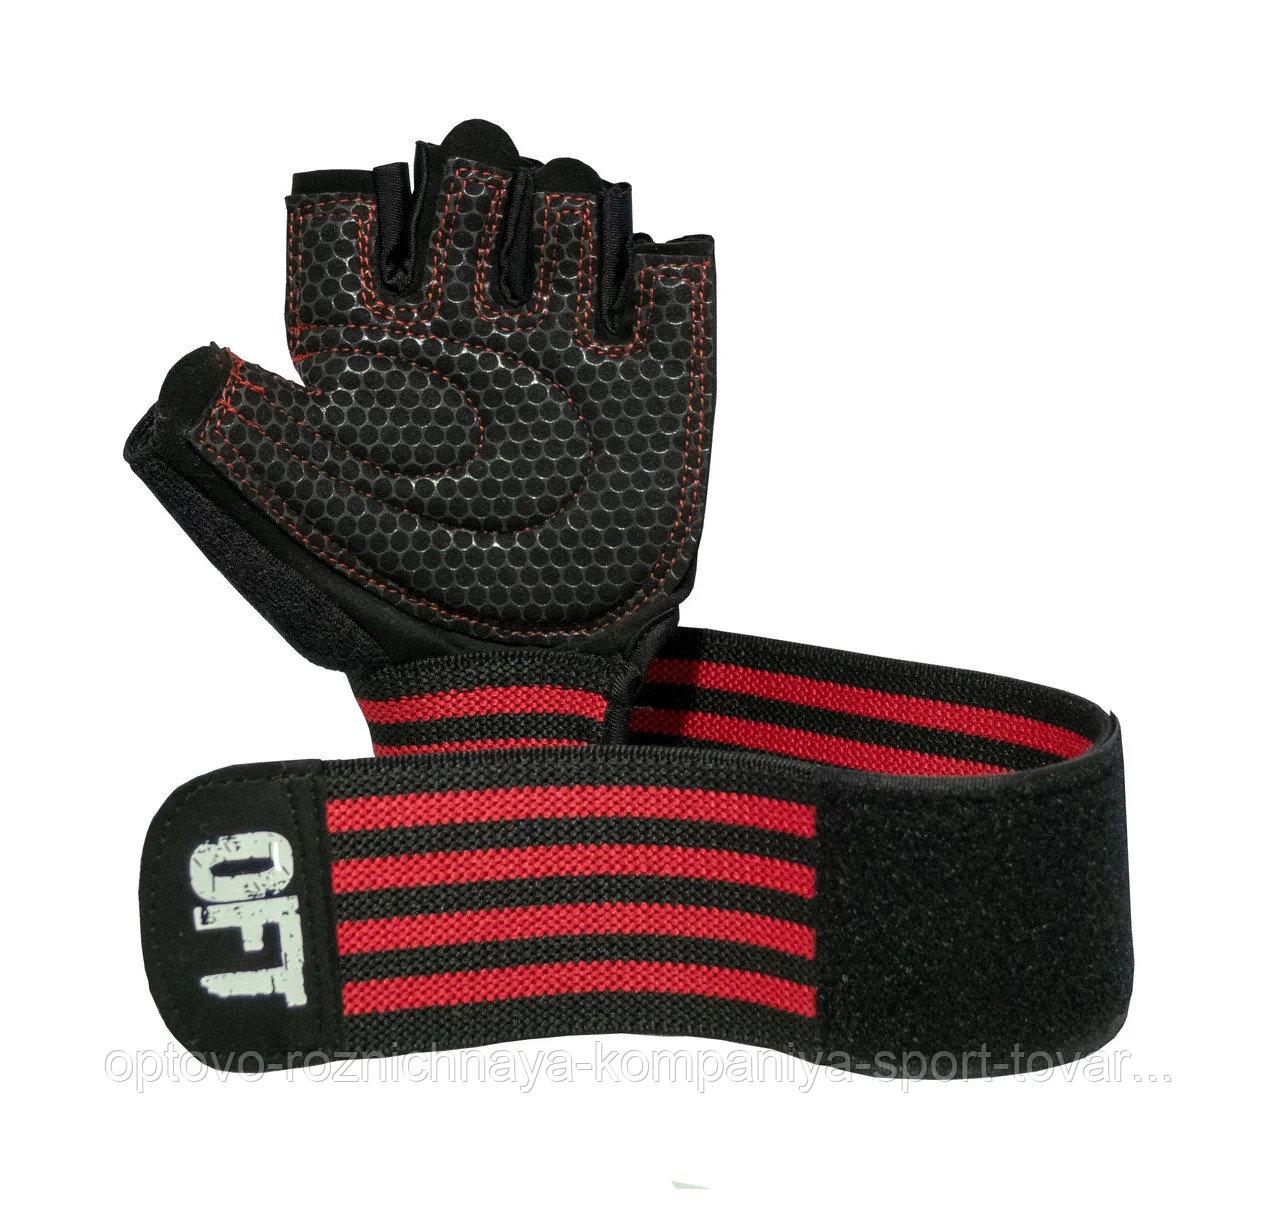 Перчатки для занятий спортом, размер L (FT-GLV01-L)